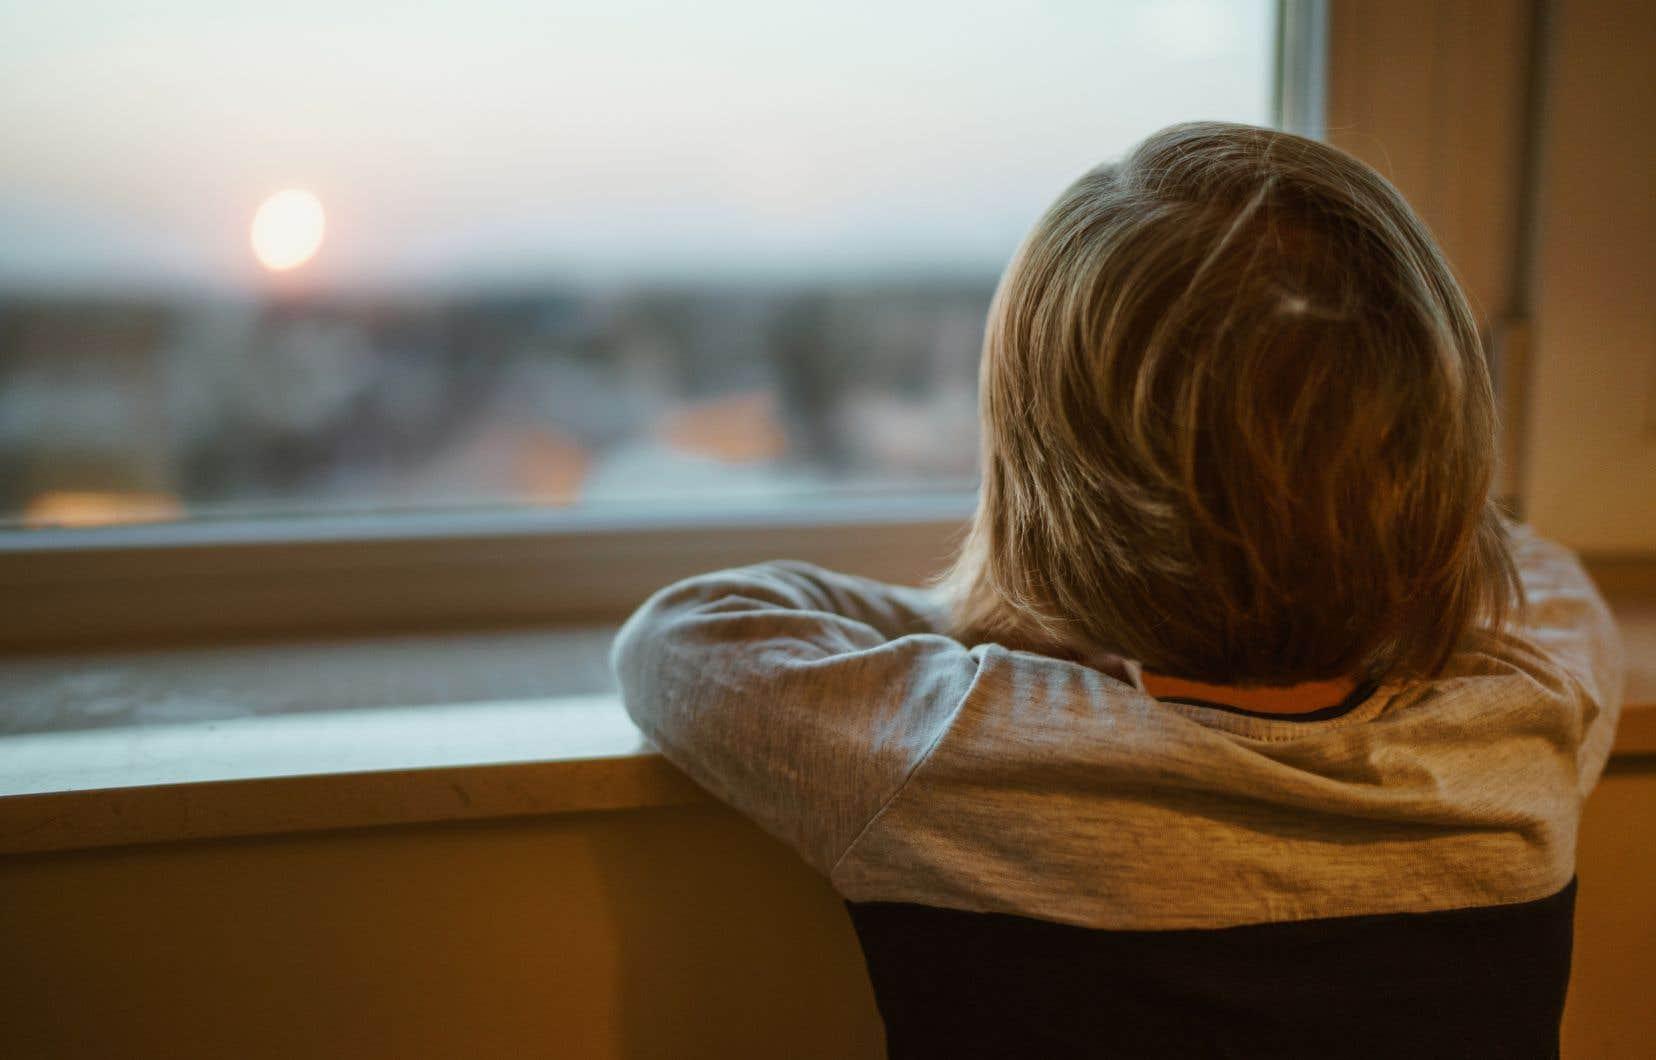 Les enfants de la DPJ se retrouvent en contacts avec plusieurs intervenants et des adultes, sans mesures de sécurité particulières.